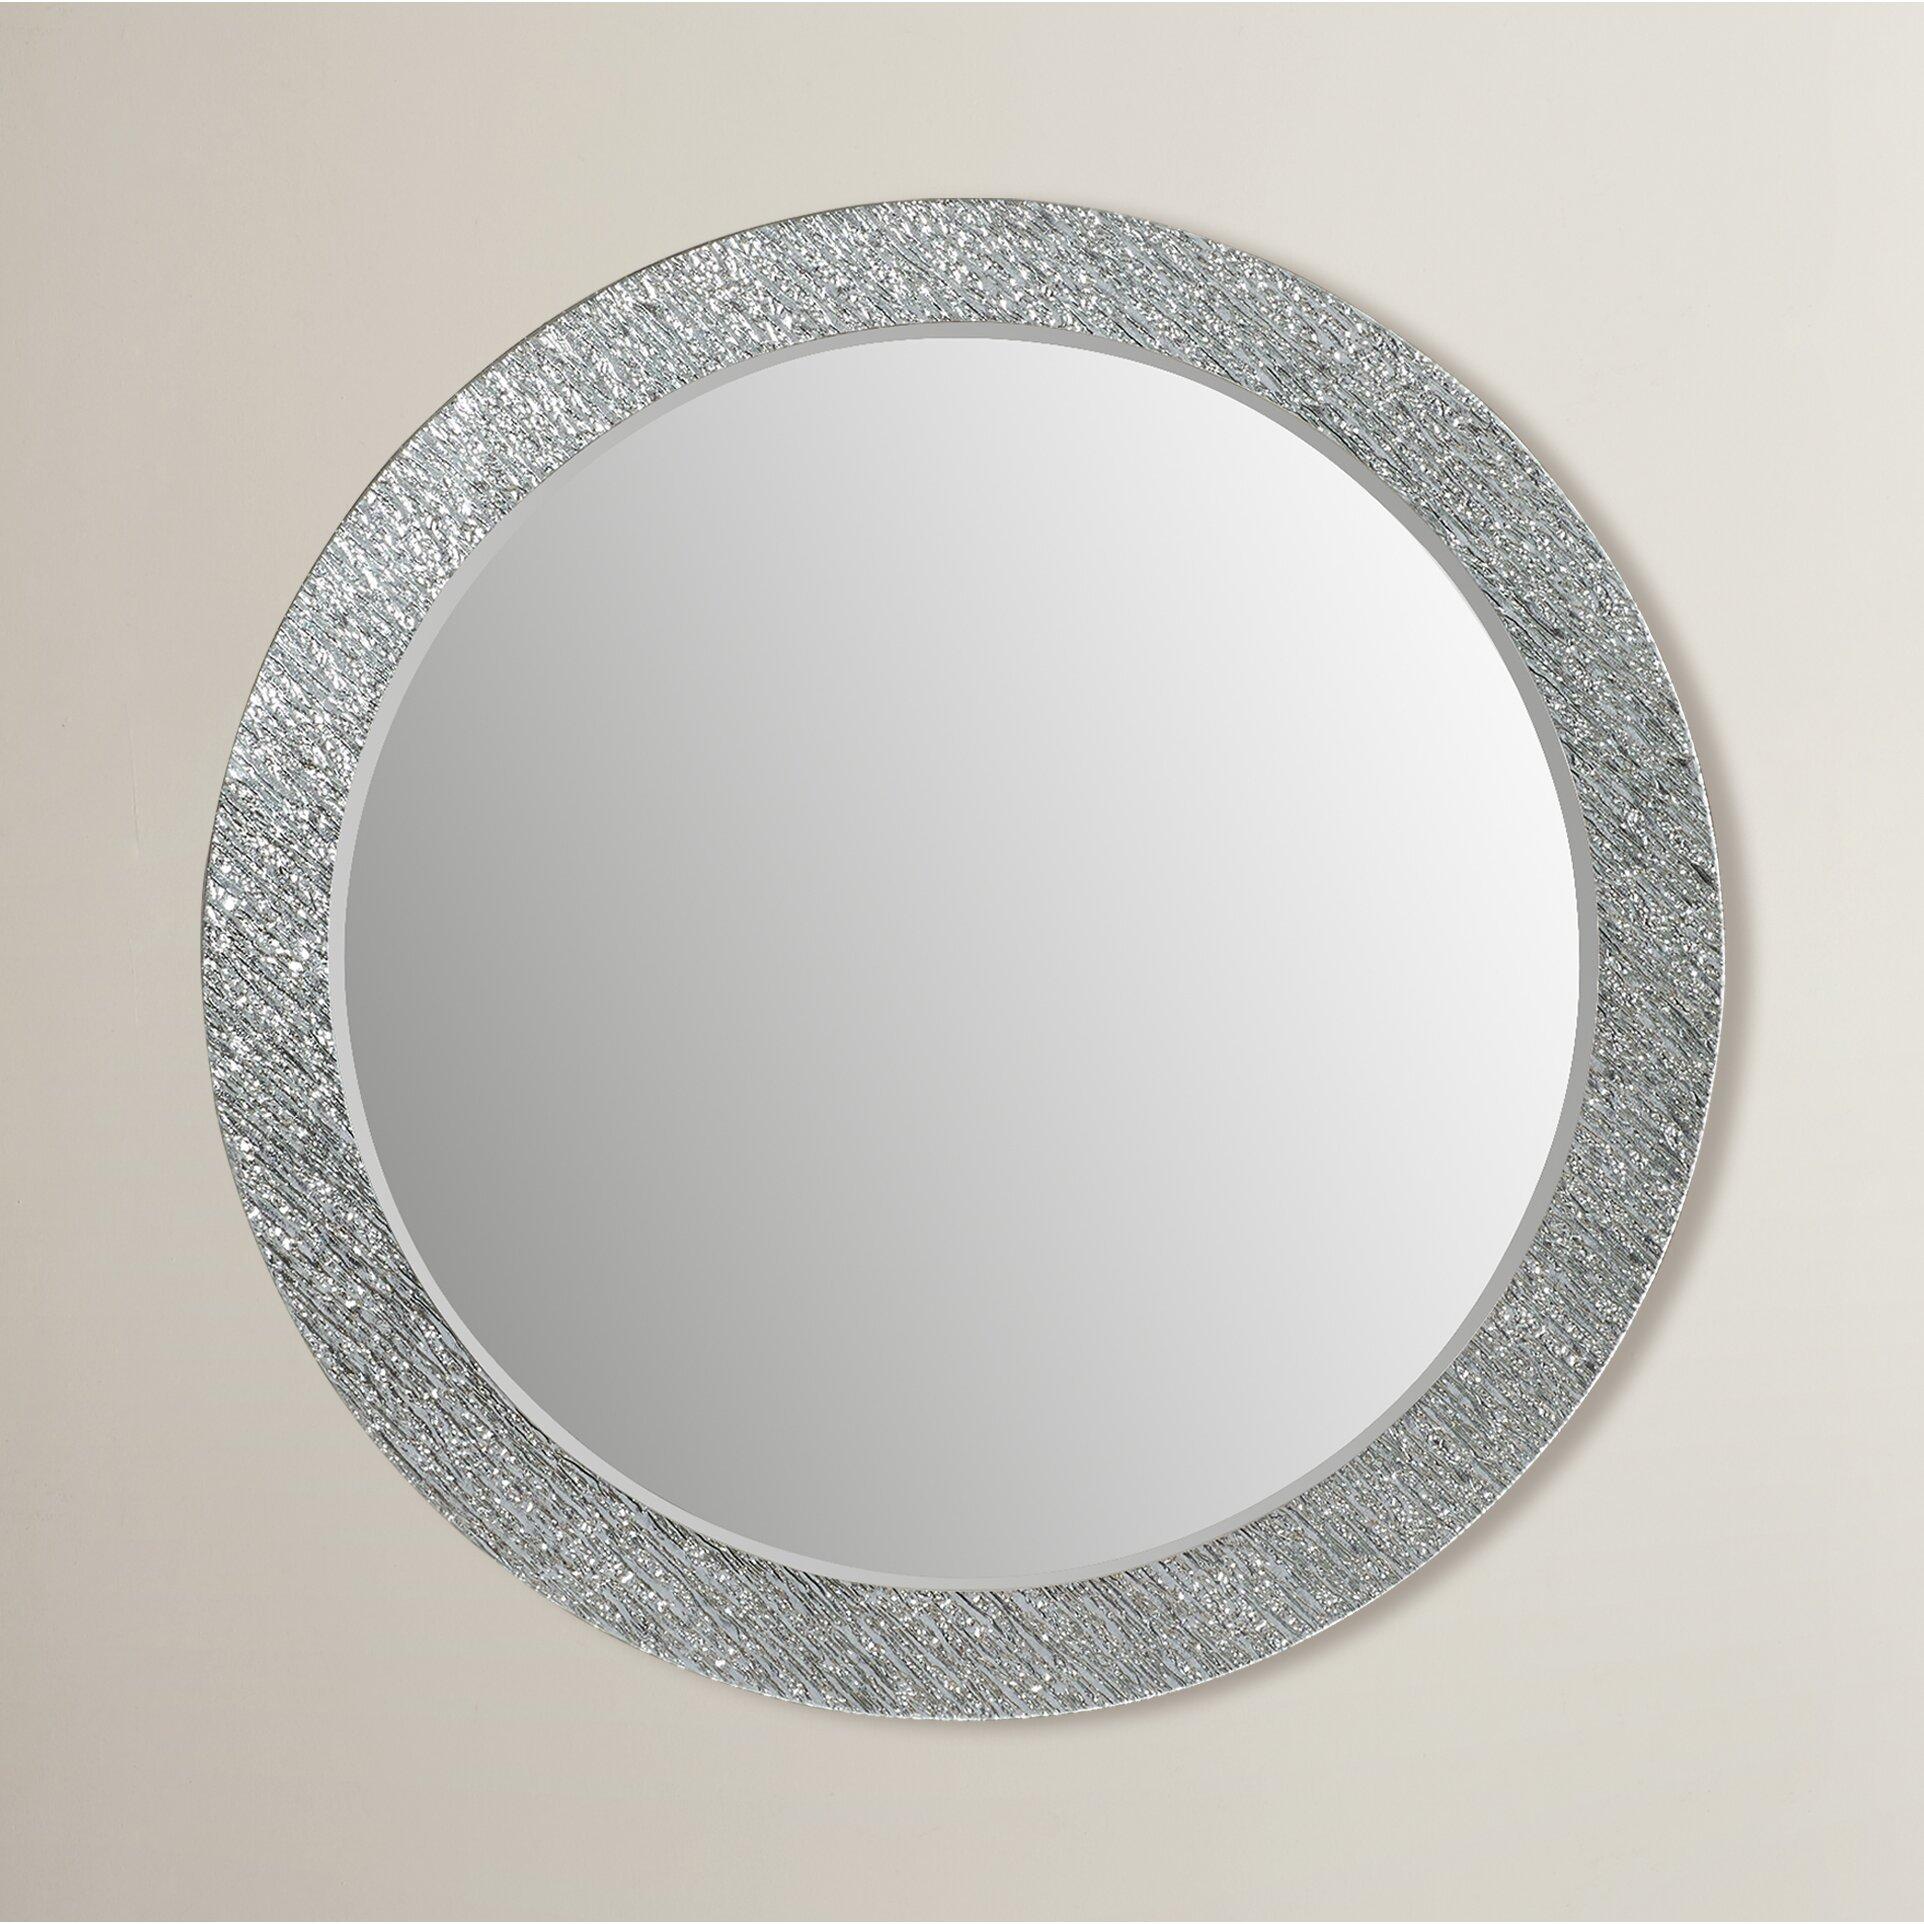 Beachcrest Home Round Wall Mirror & Reviews | Wayfair